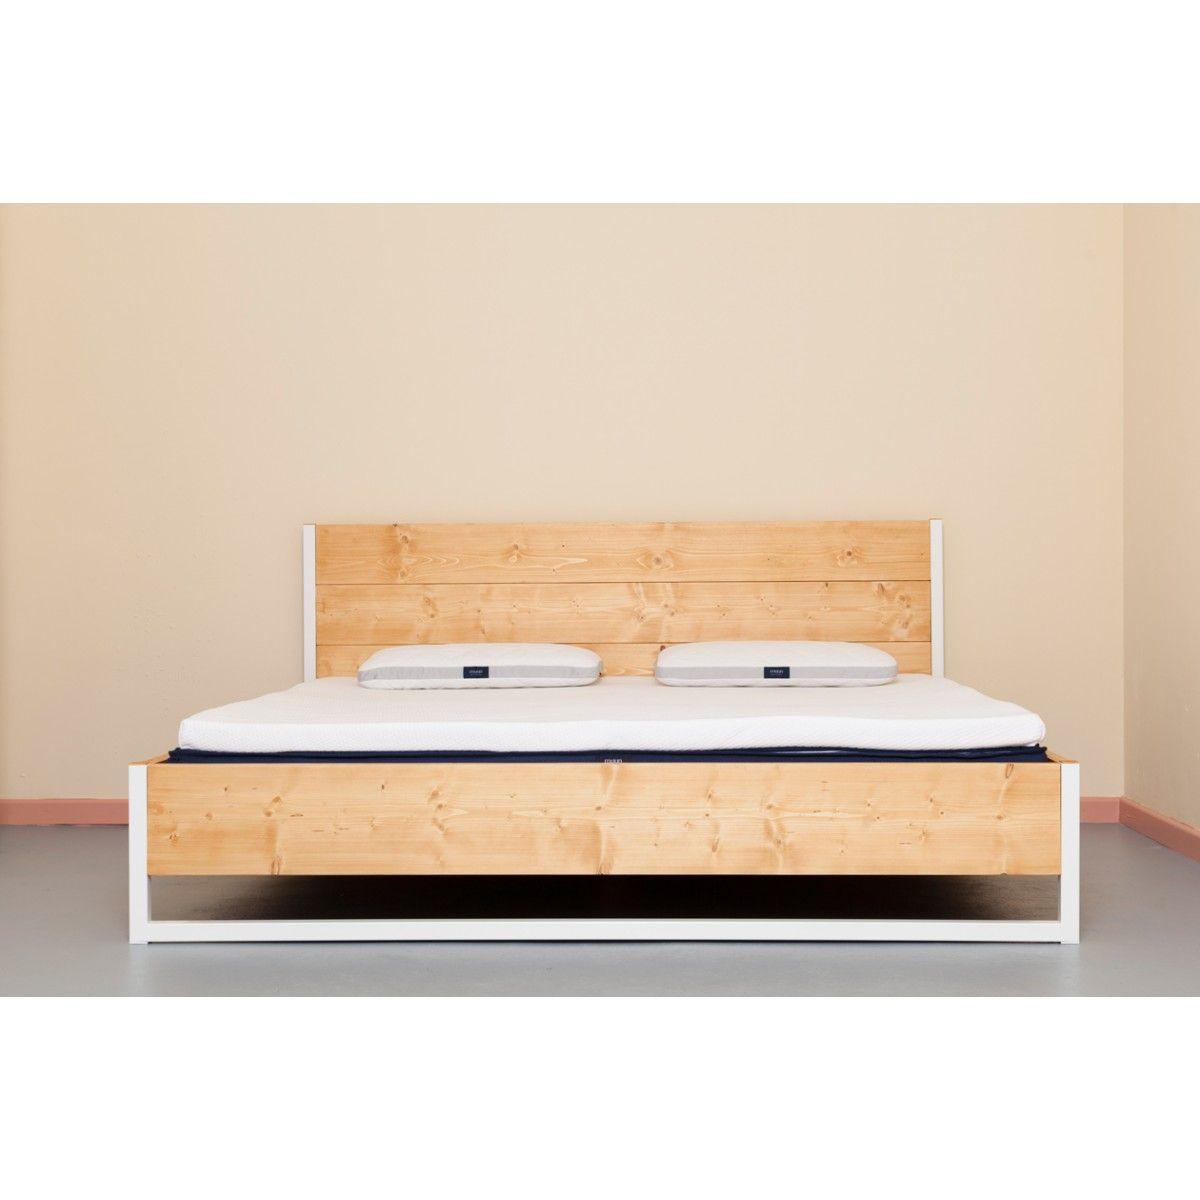 Upcycling Industrial Bett aus recyceltem Vollholz und